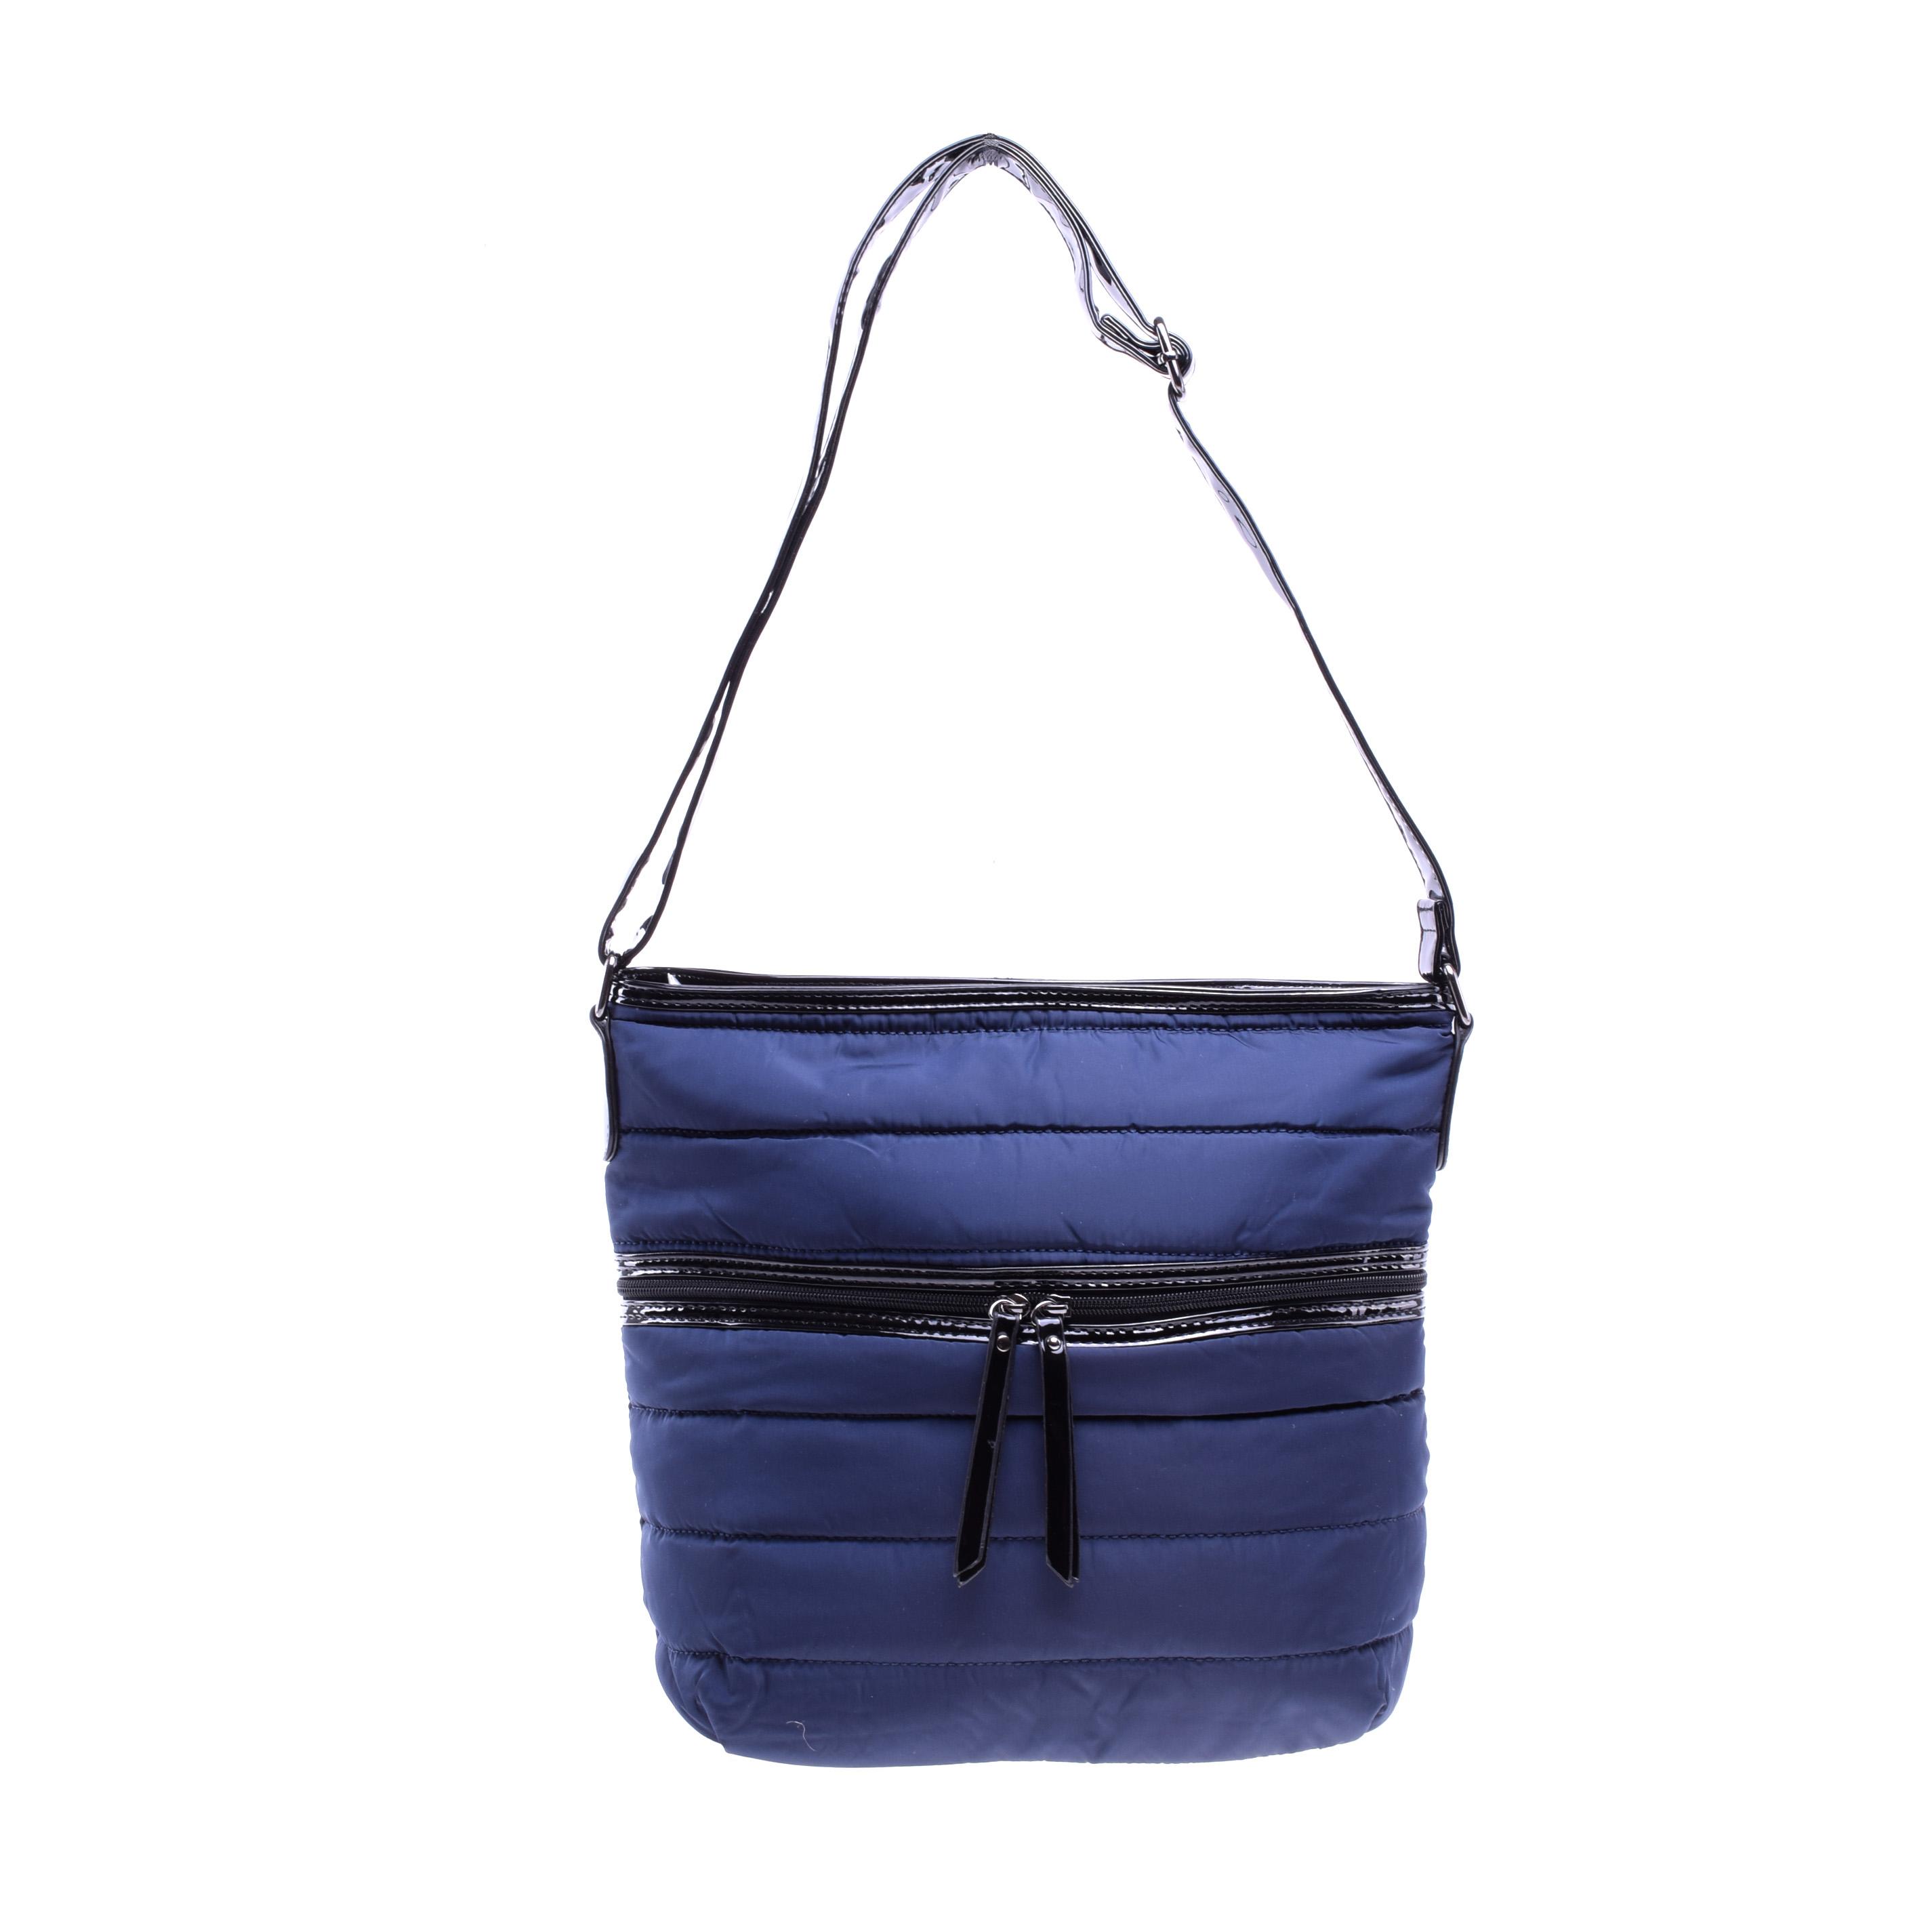 0265eafa77 Besty Női Vízhatlan Pvc Oldaltáska Kék - Oldaltáskák - Táska webáruház -  Minőségi táskák mindenkinek